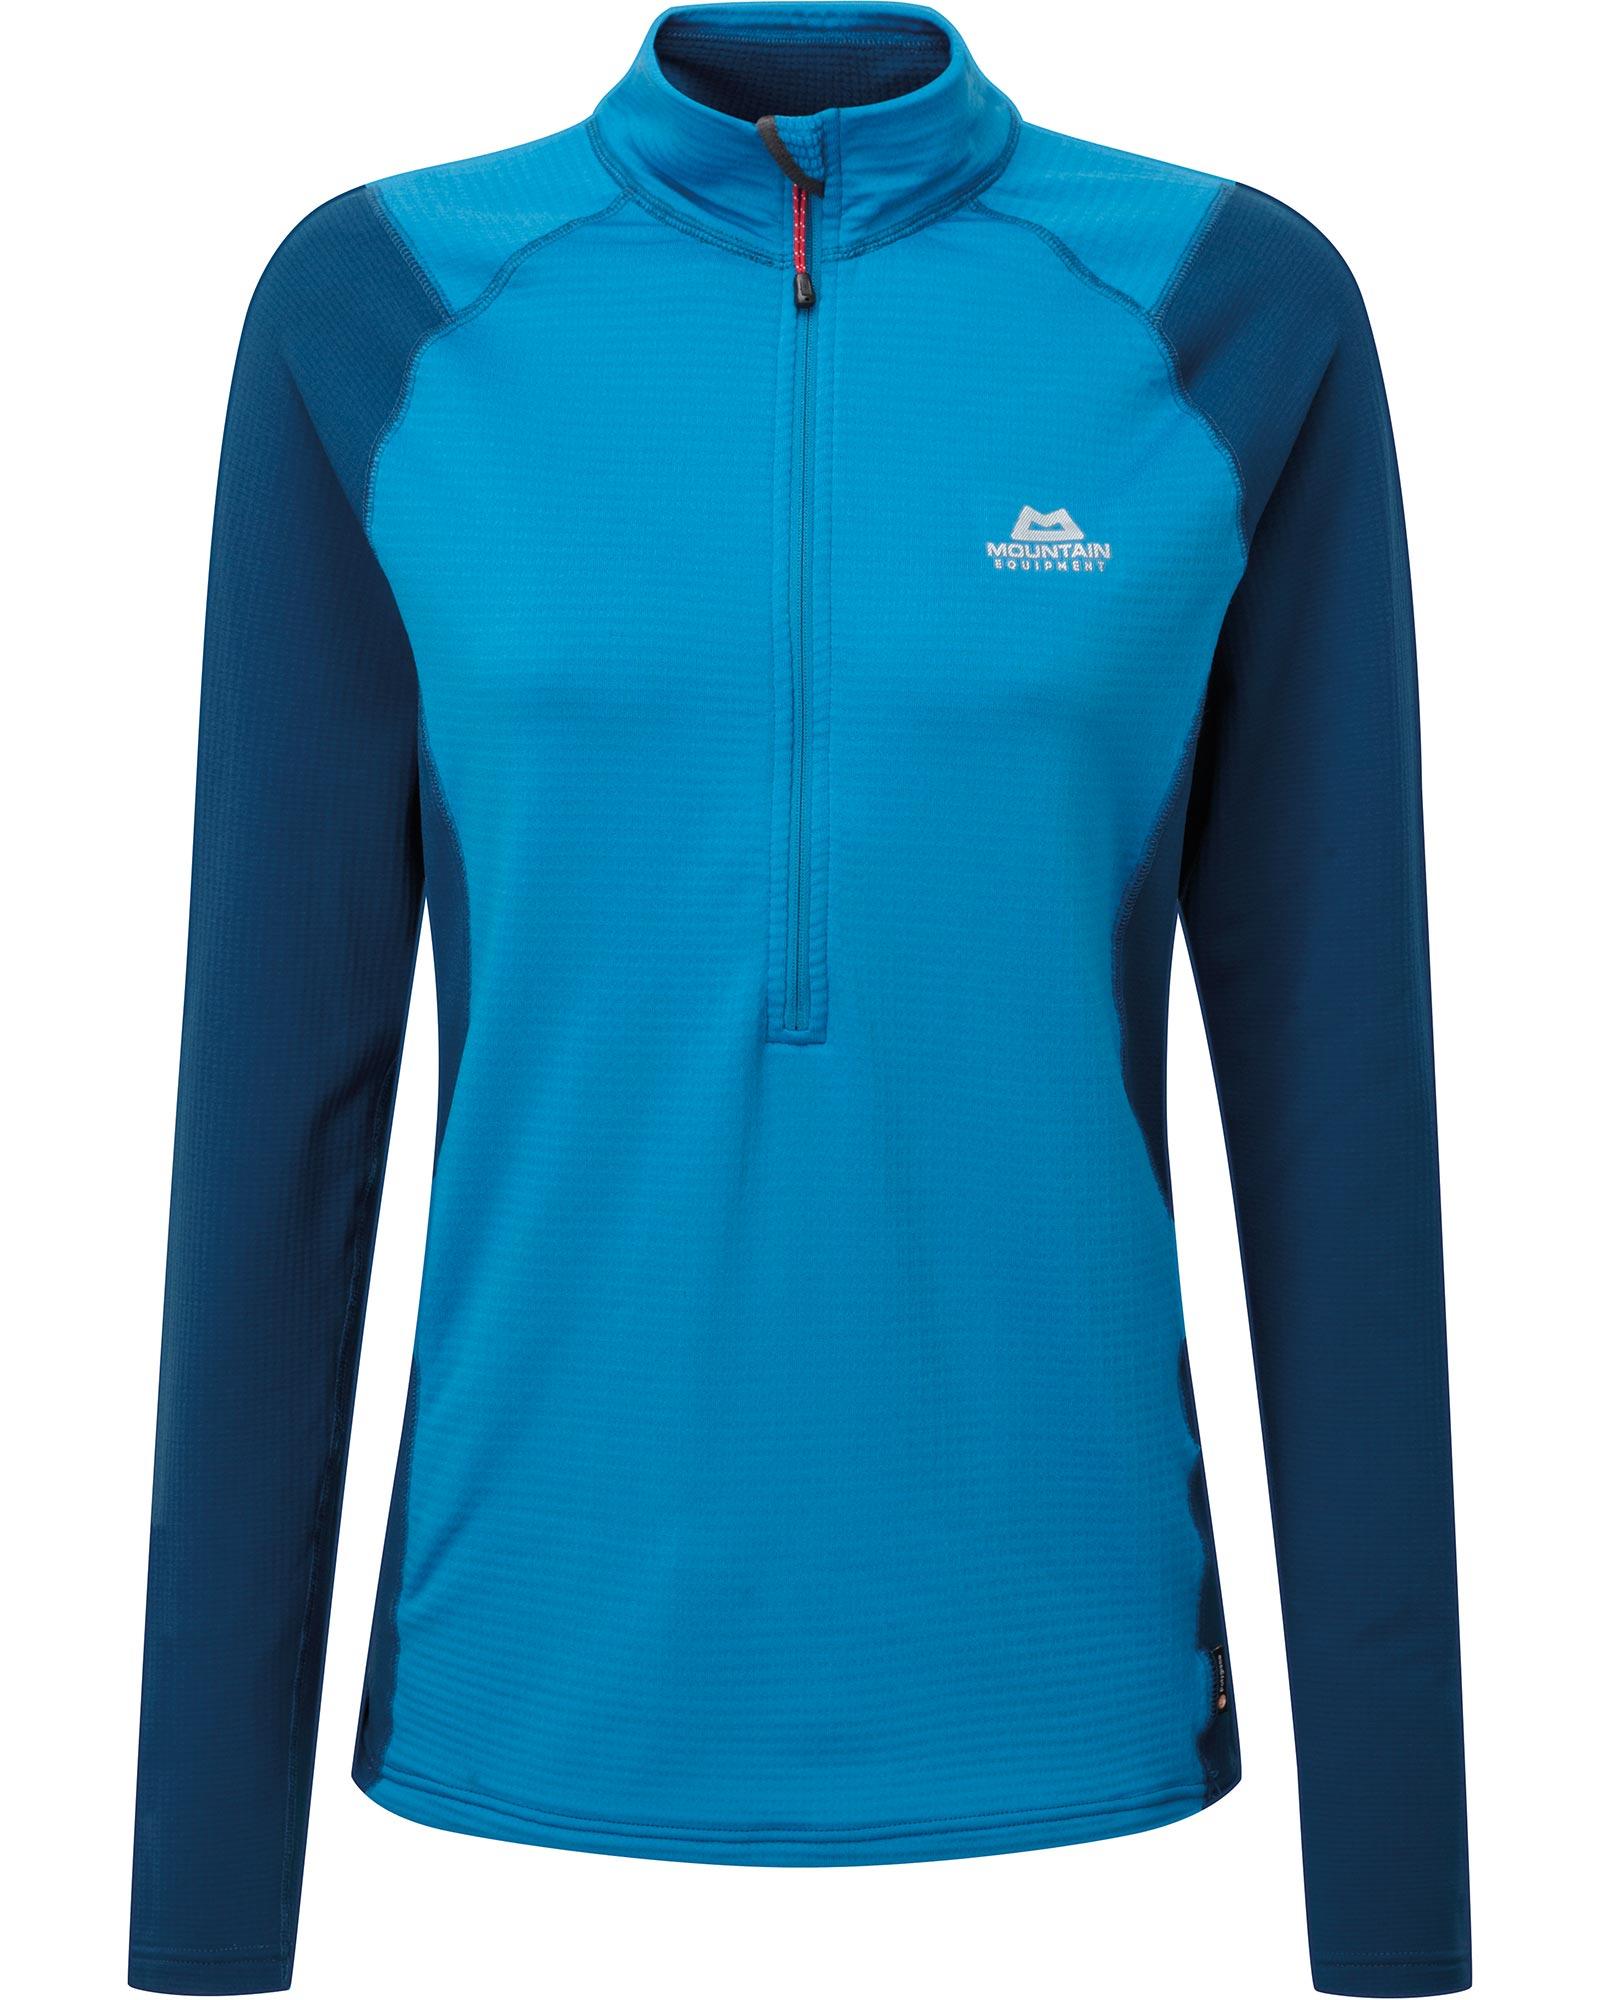 Mountain Equipment Women's Eclipse Zip T-Shirt 0